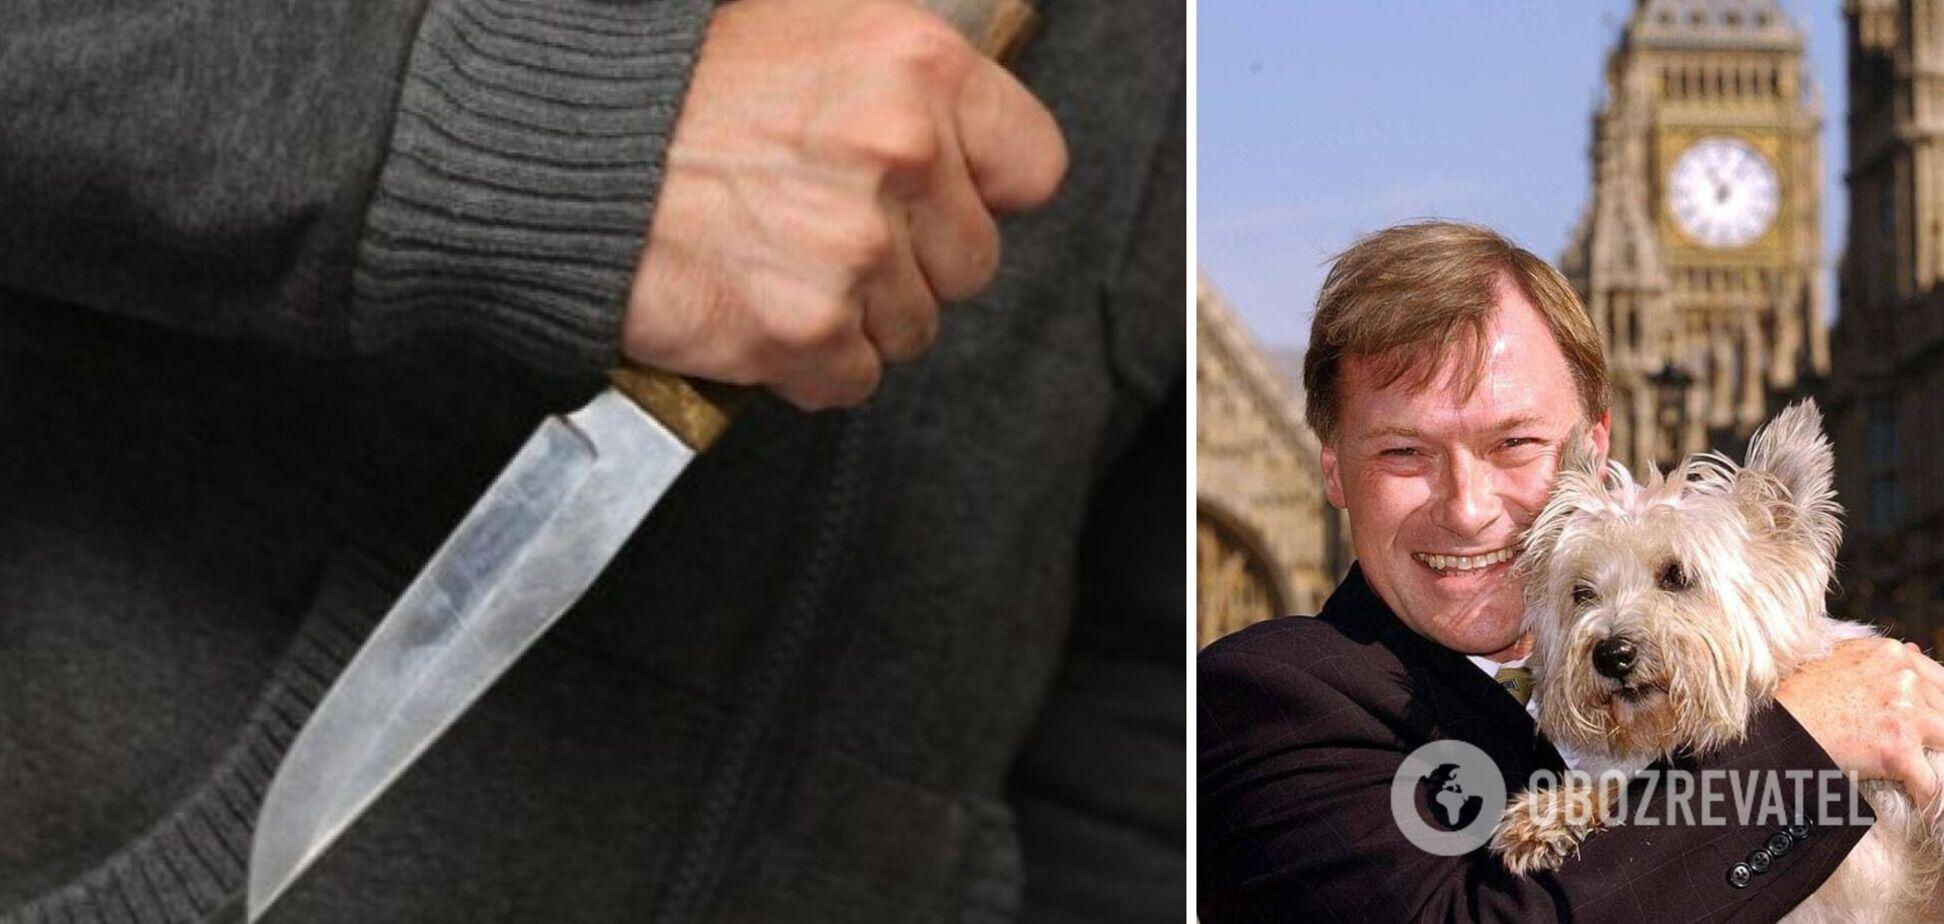 У Британії в церкві напали з ножем на депутата парламенту, він помер в лікарні. Фото і відео